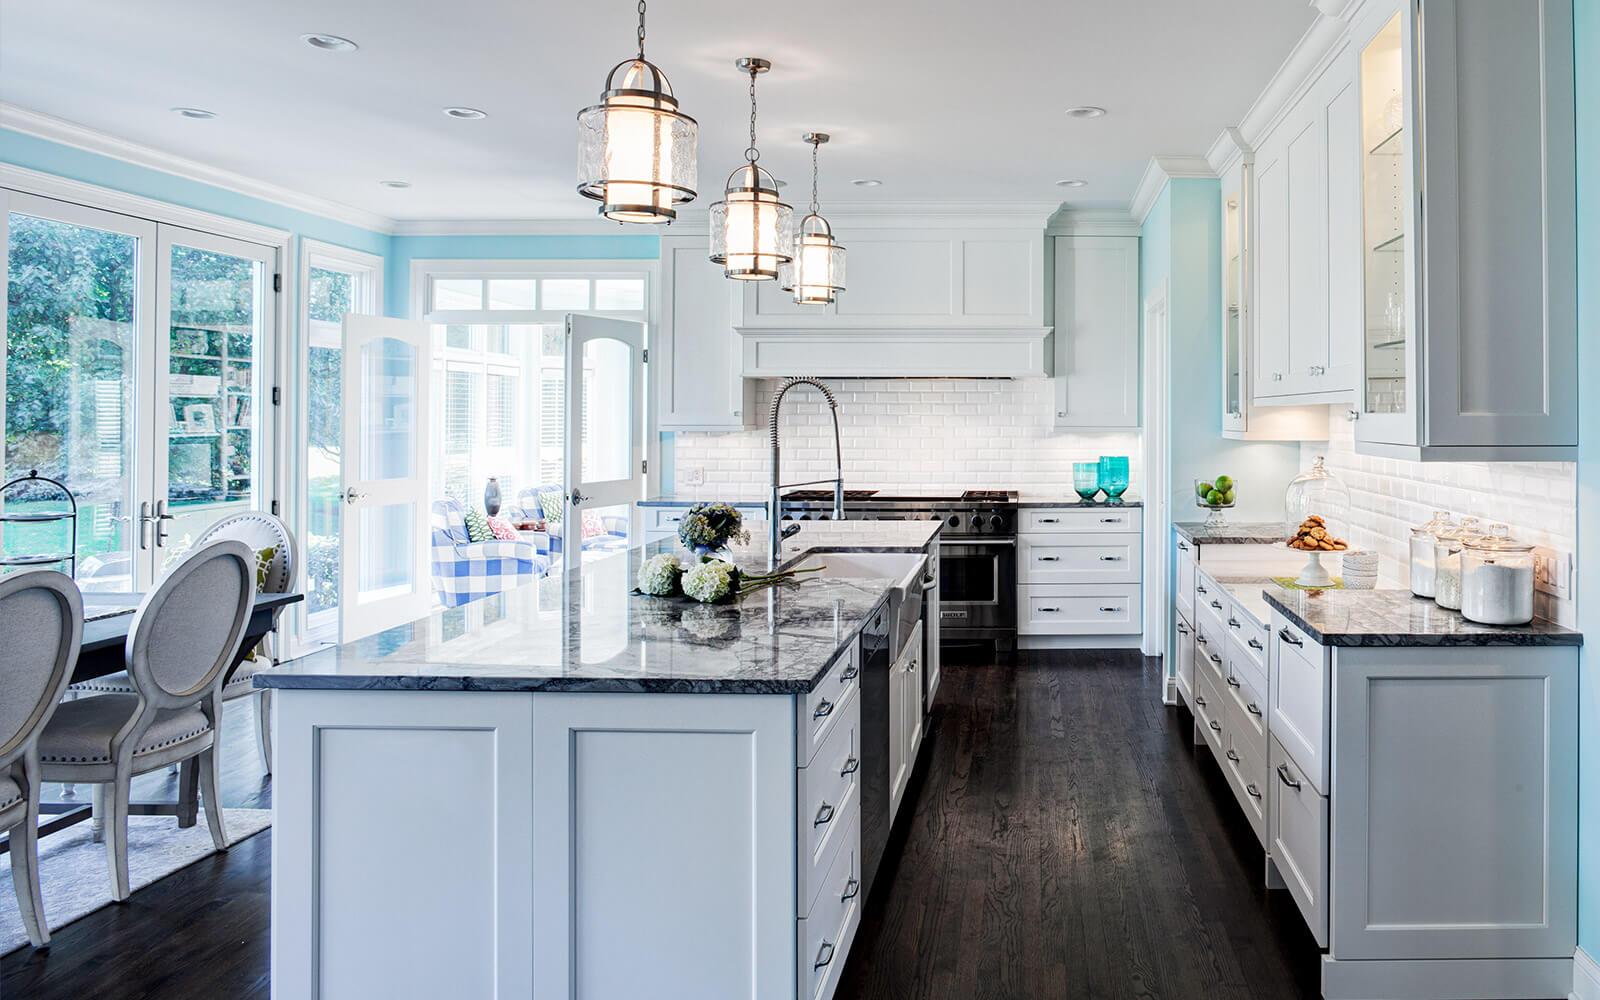 1600x1000-kitchenStoelting